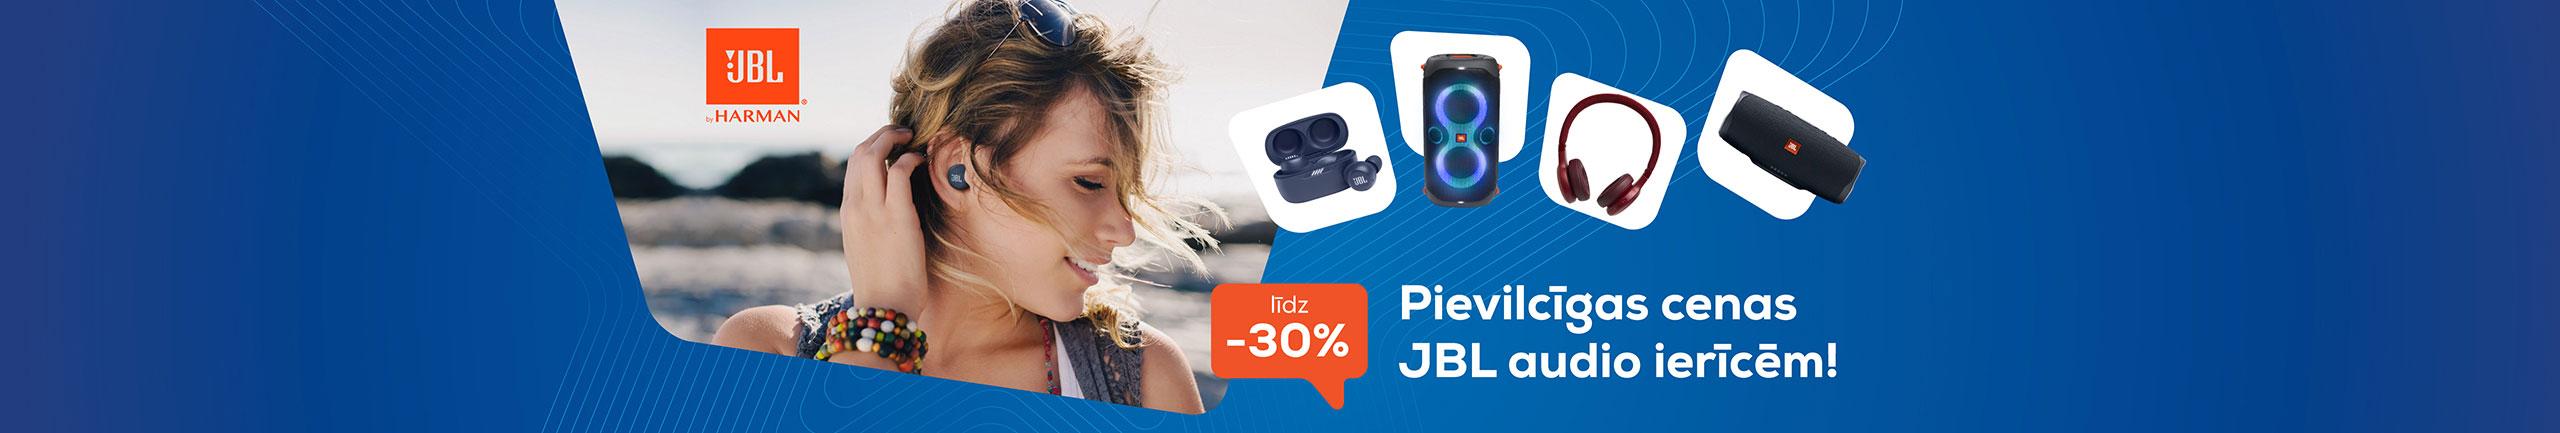 FPS JBL